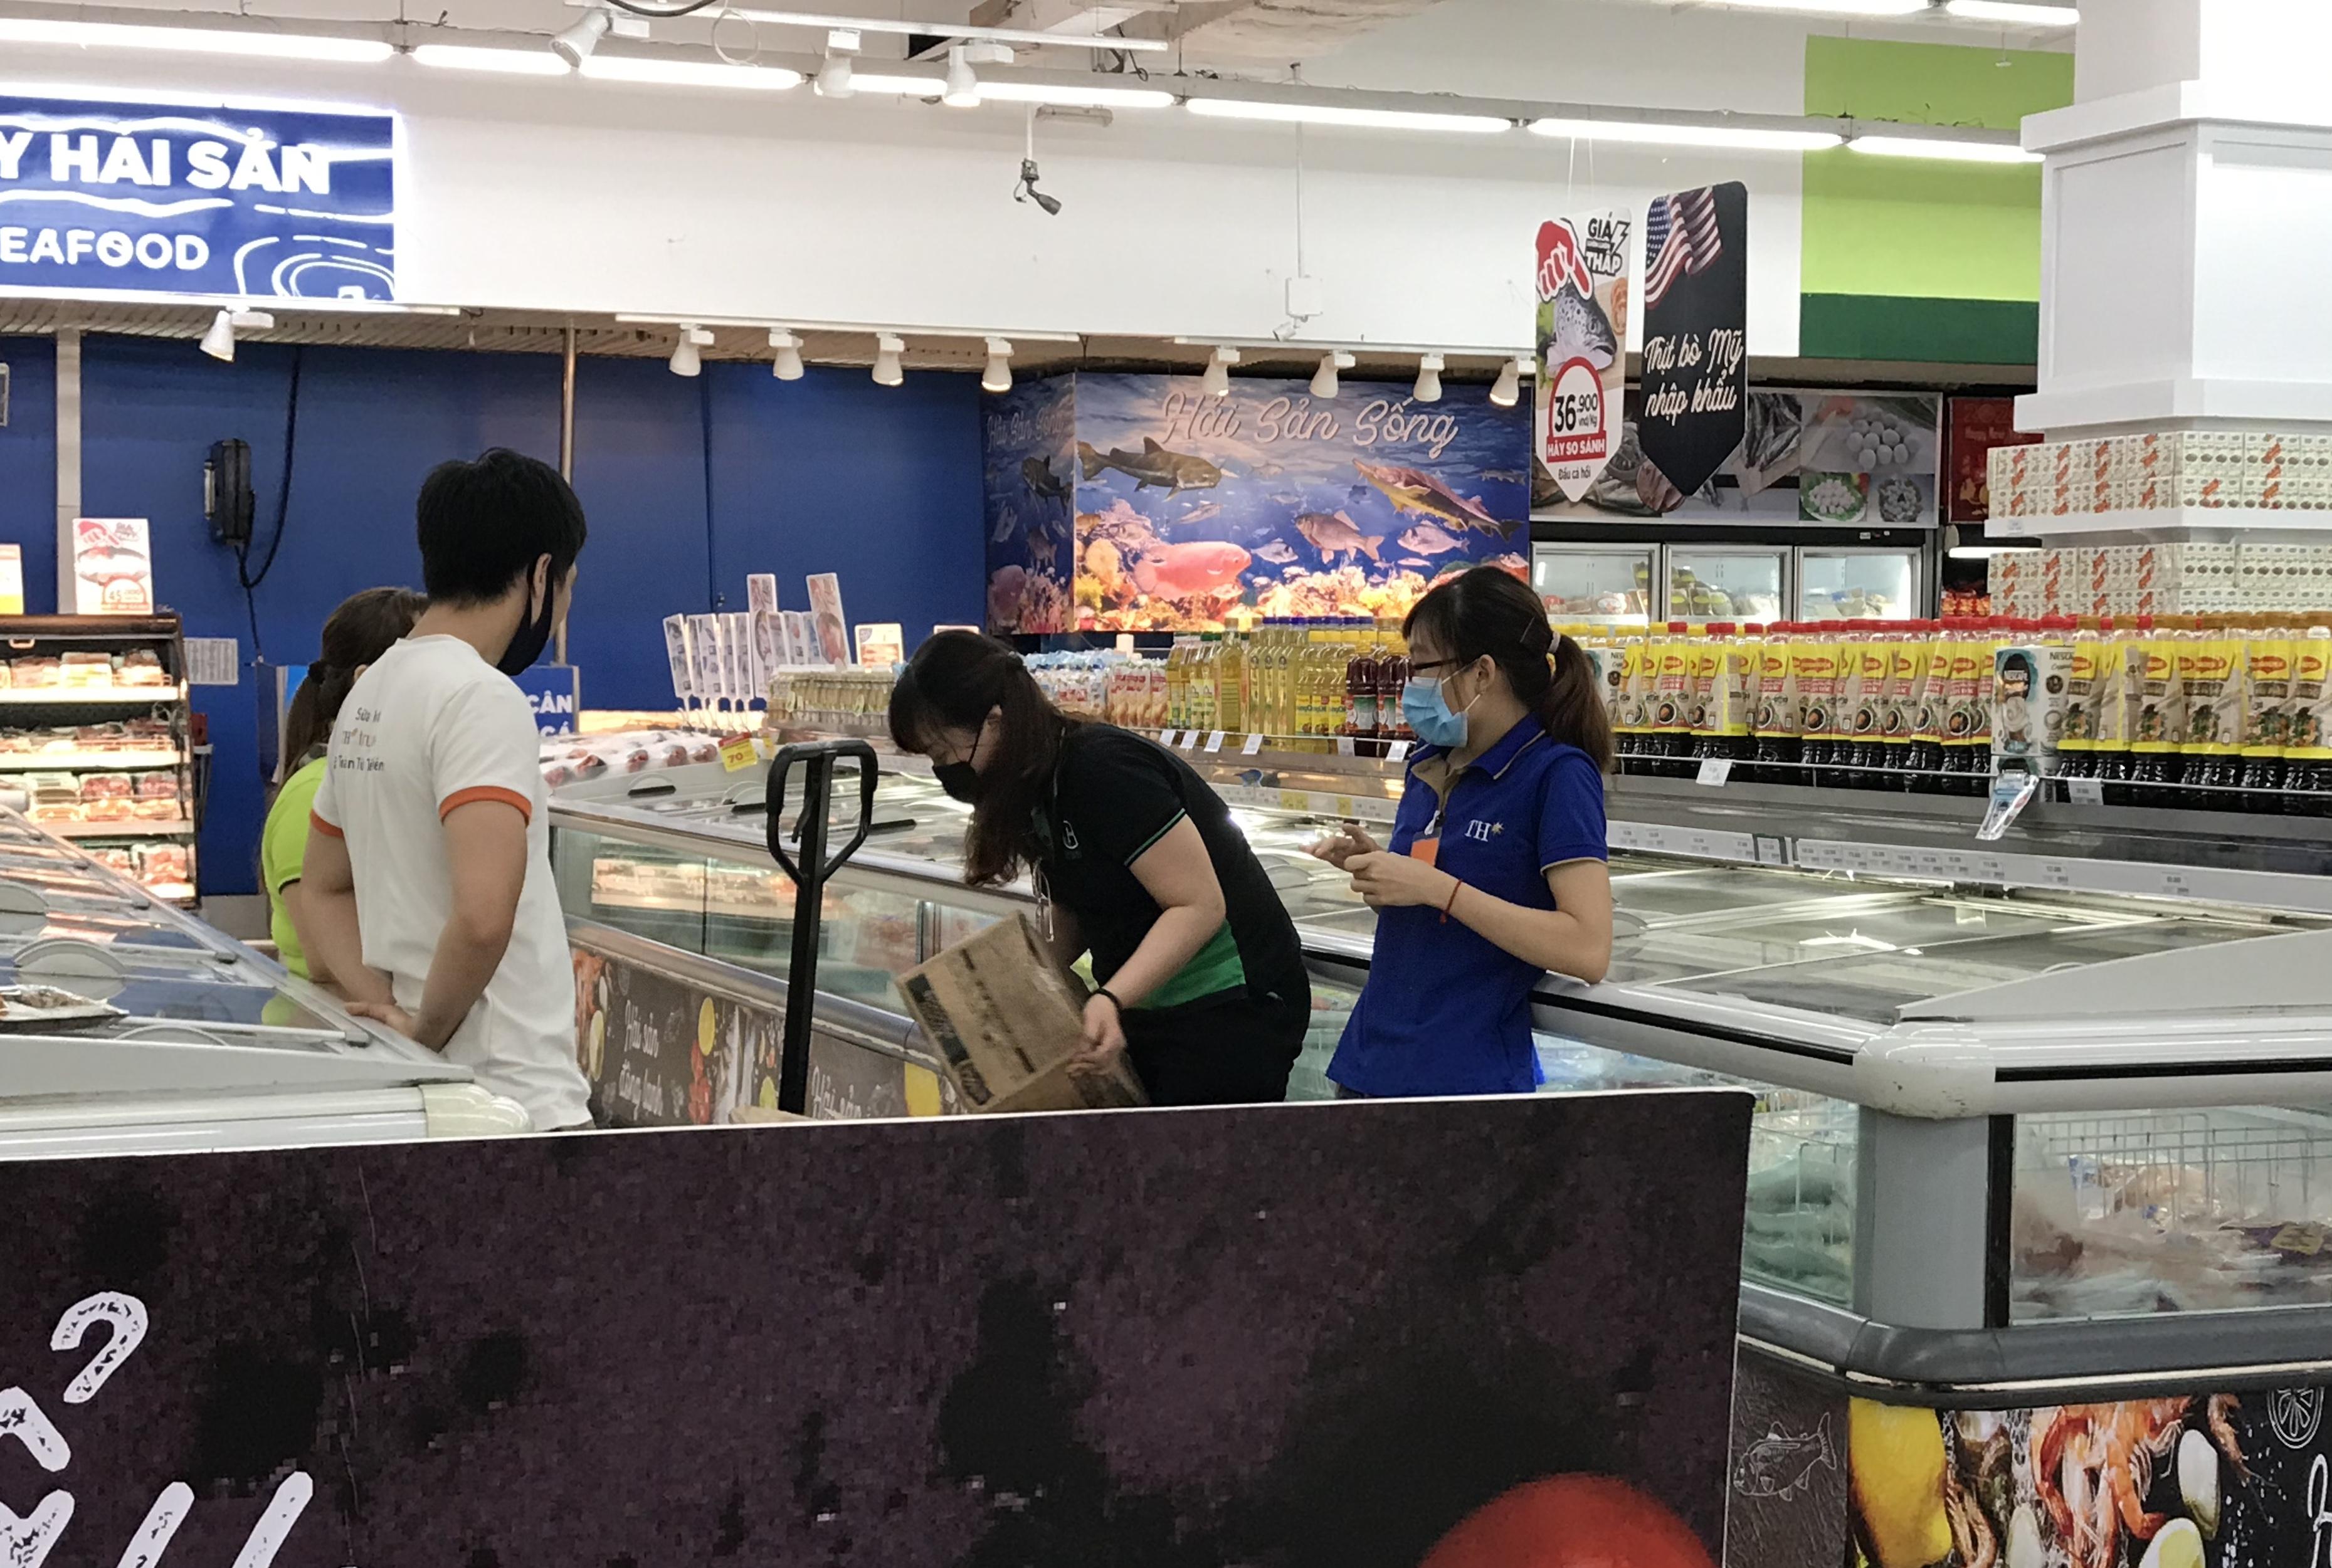 Big C miền Đông bất ngờ thông báo đóng cửa, người tiêu dùng sững sờ, siêu thị vắng lặng chiều nay - Ảnh 9.